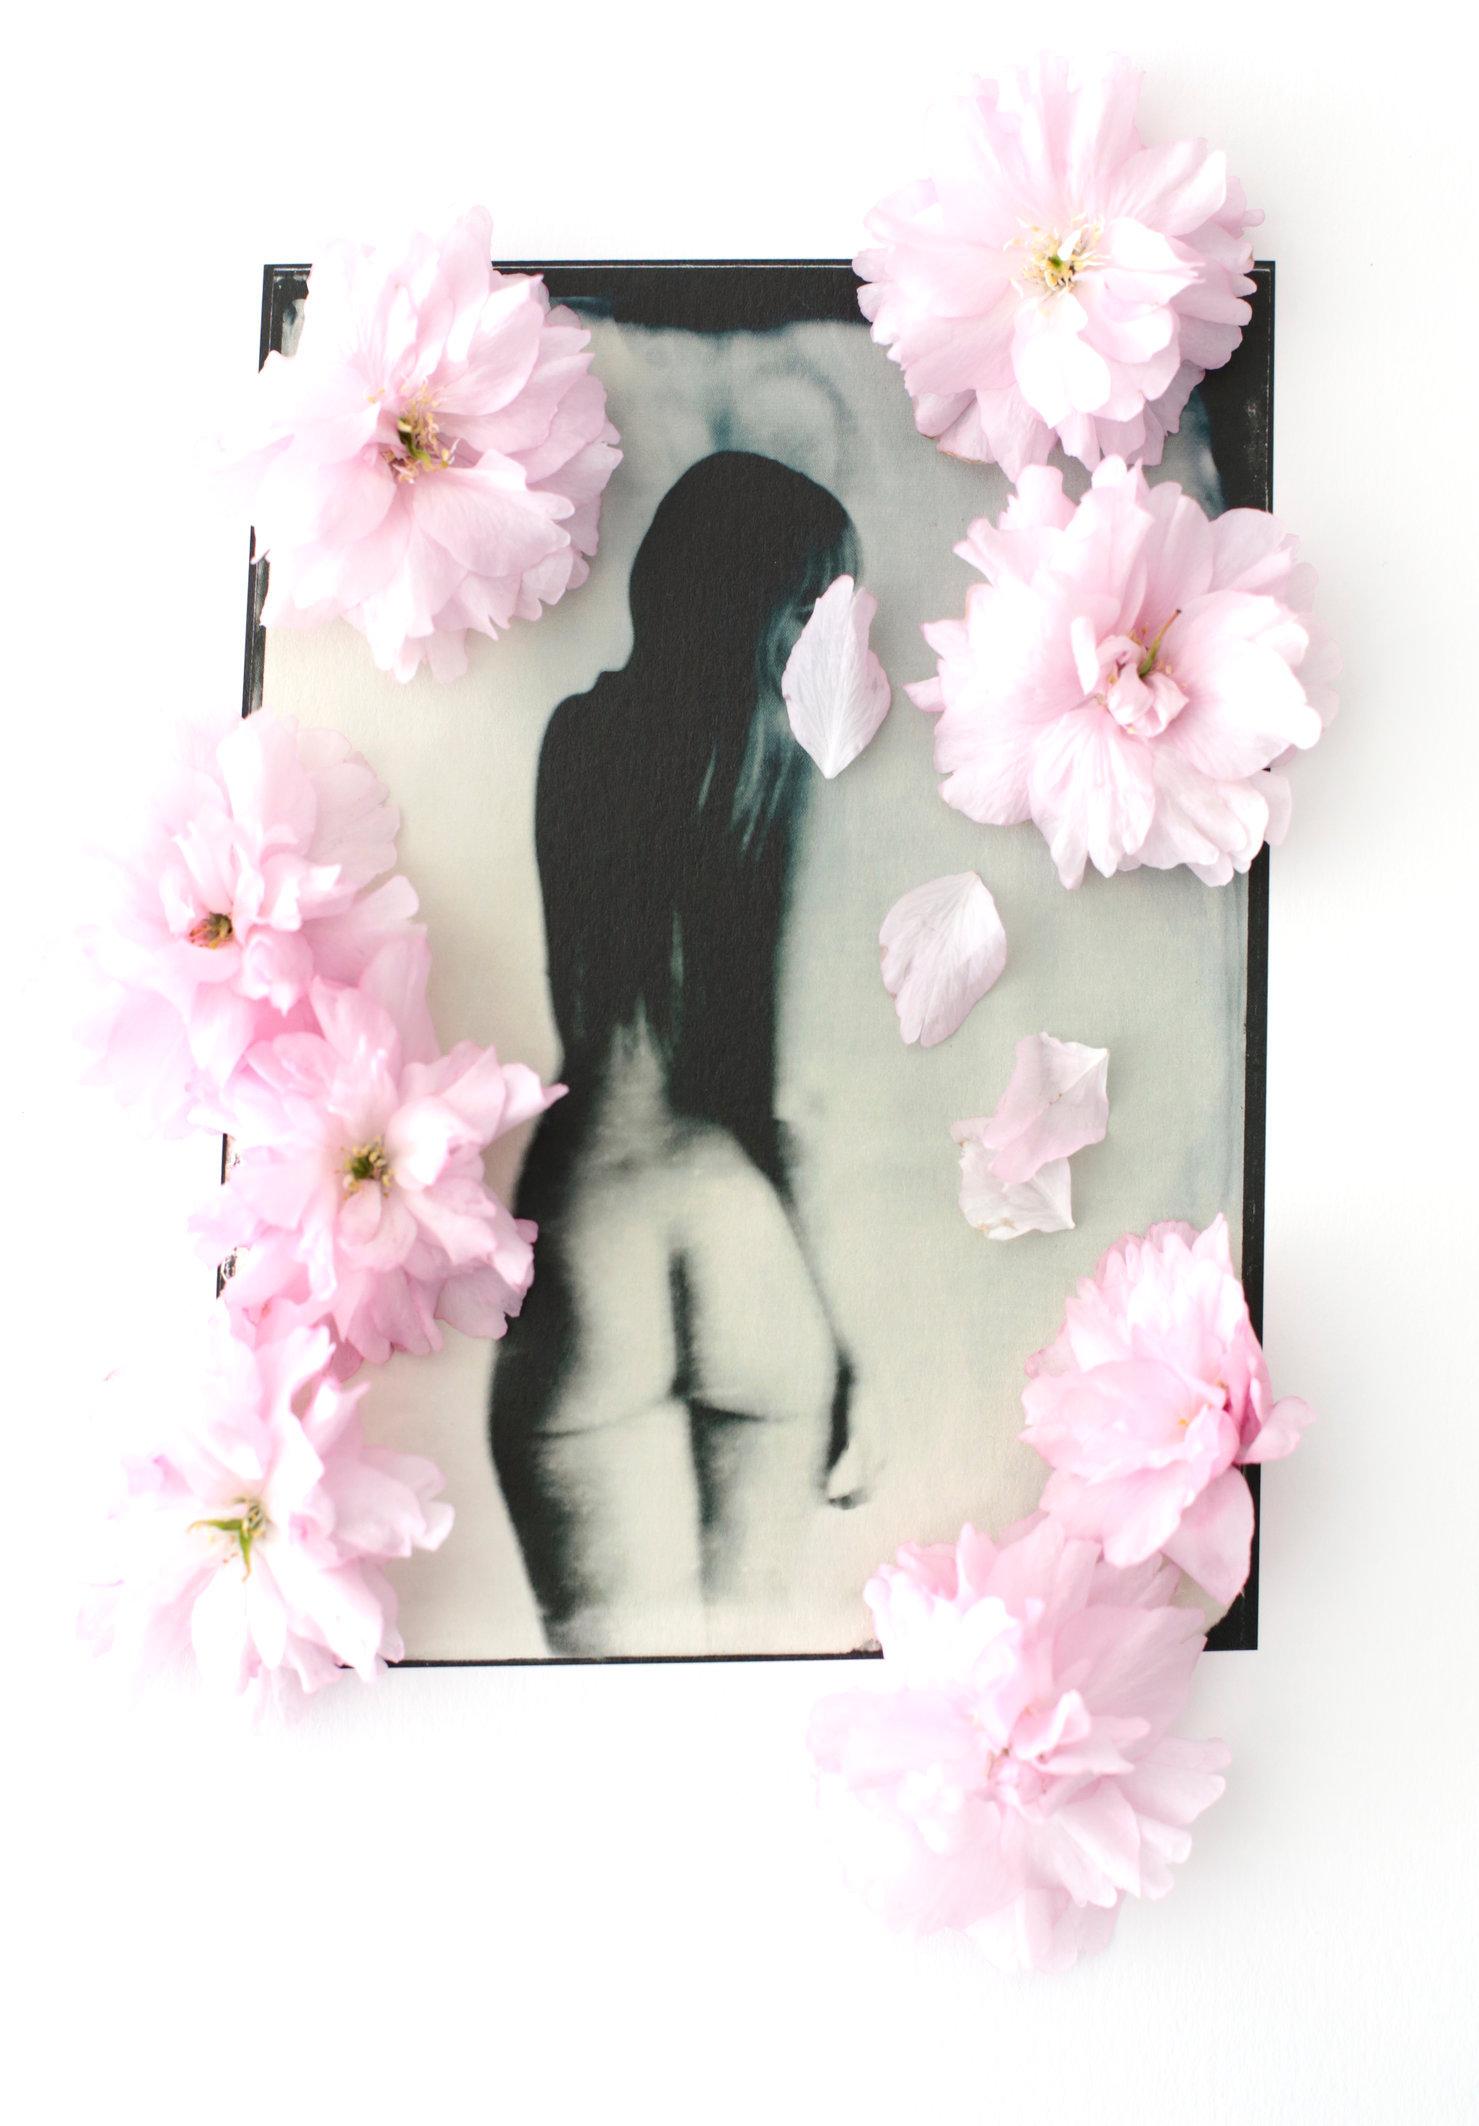 FLOWERS_1_044.JPG